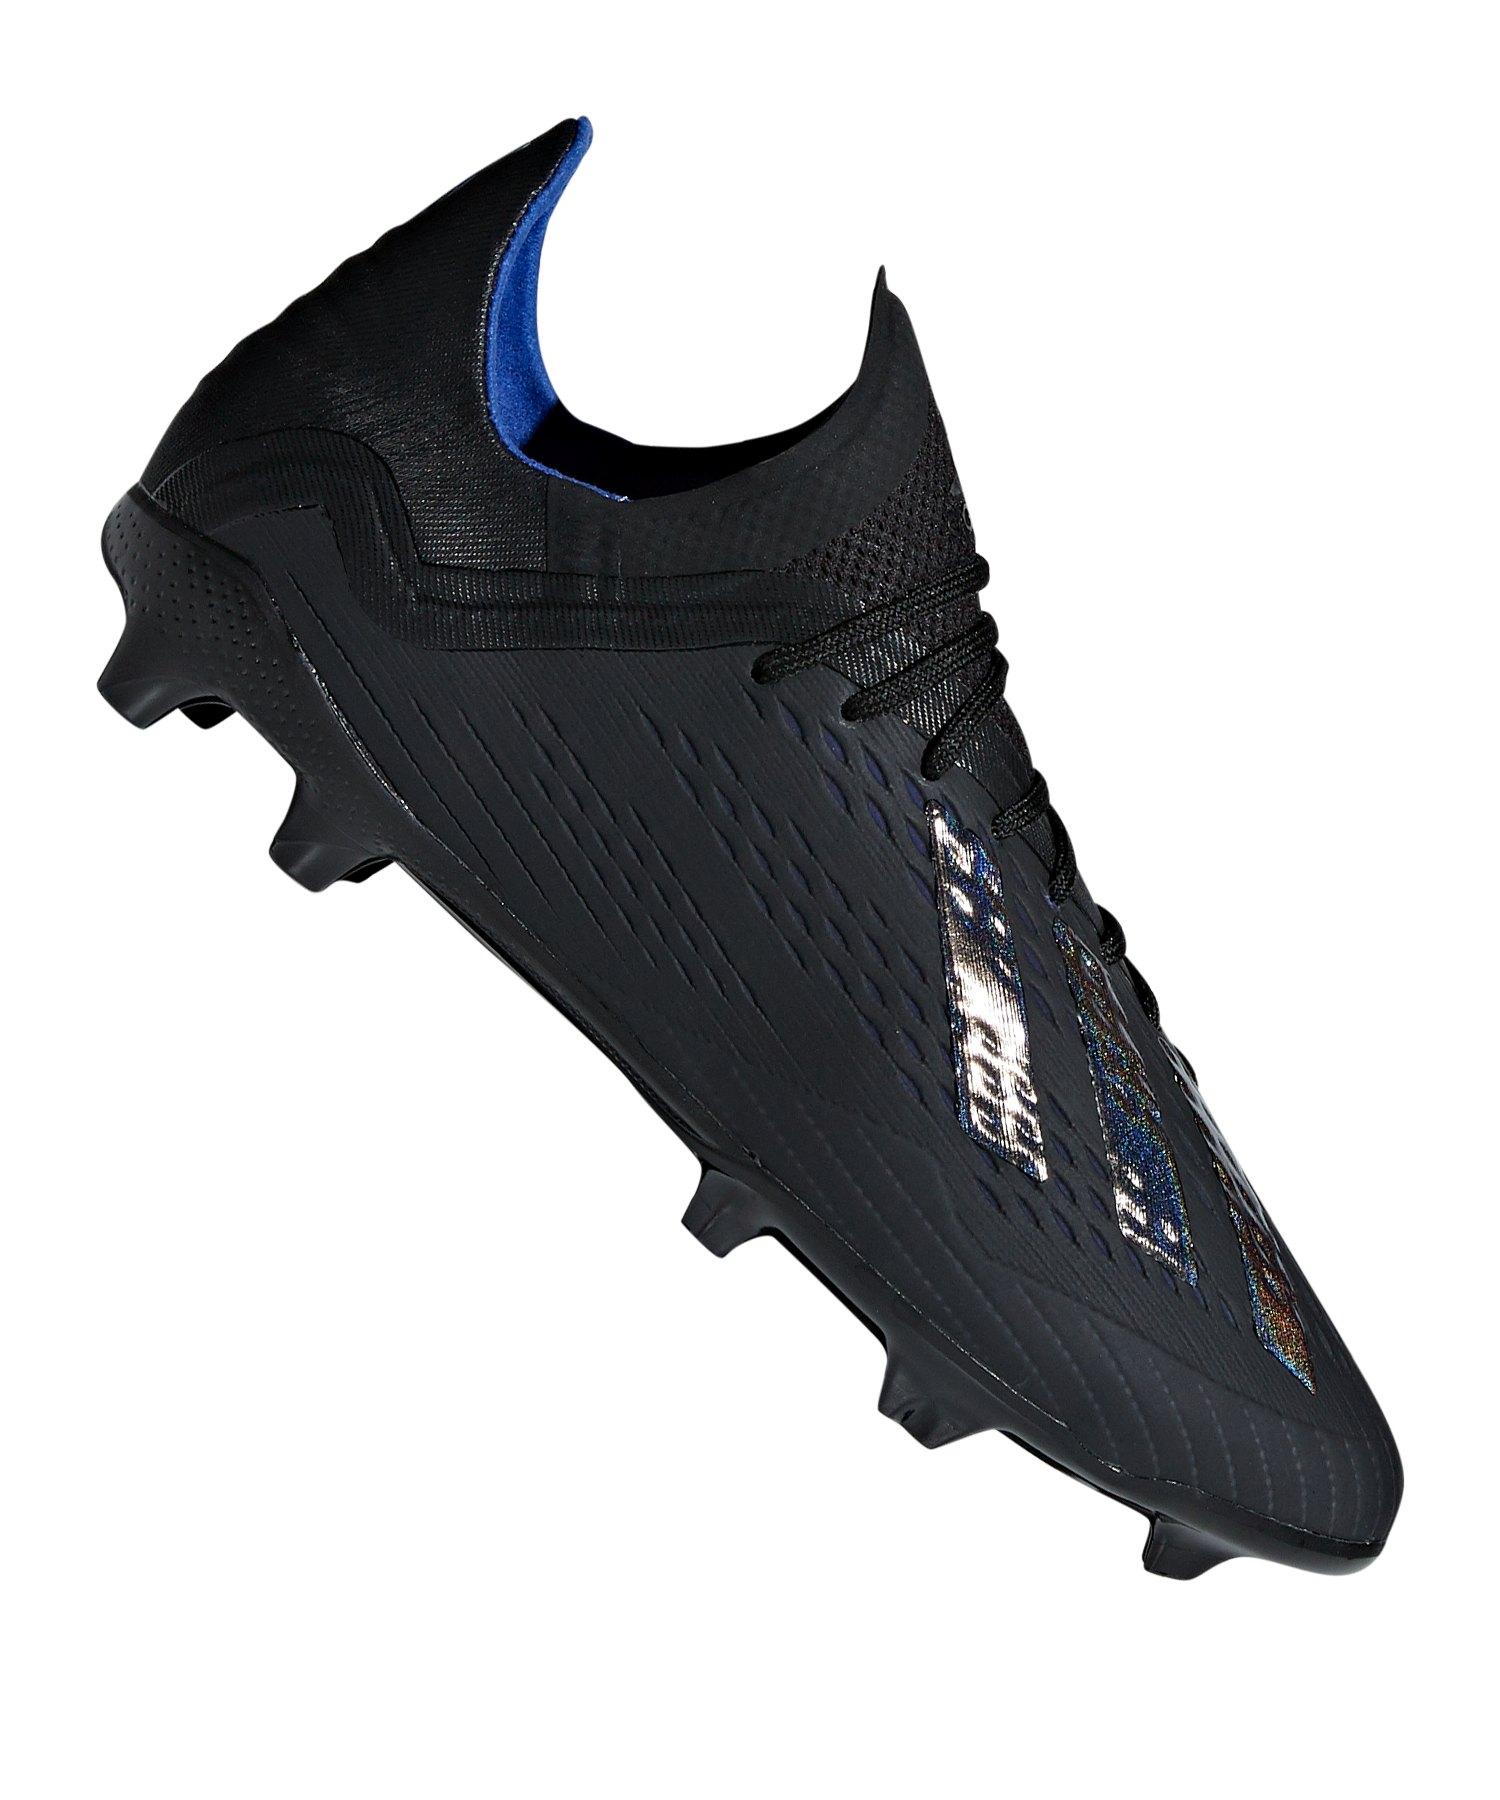 adidas X 18.1 FG J Kids Schwarz - schwarz